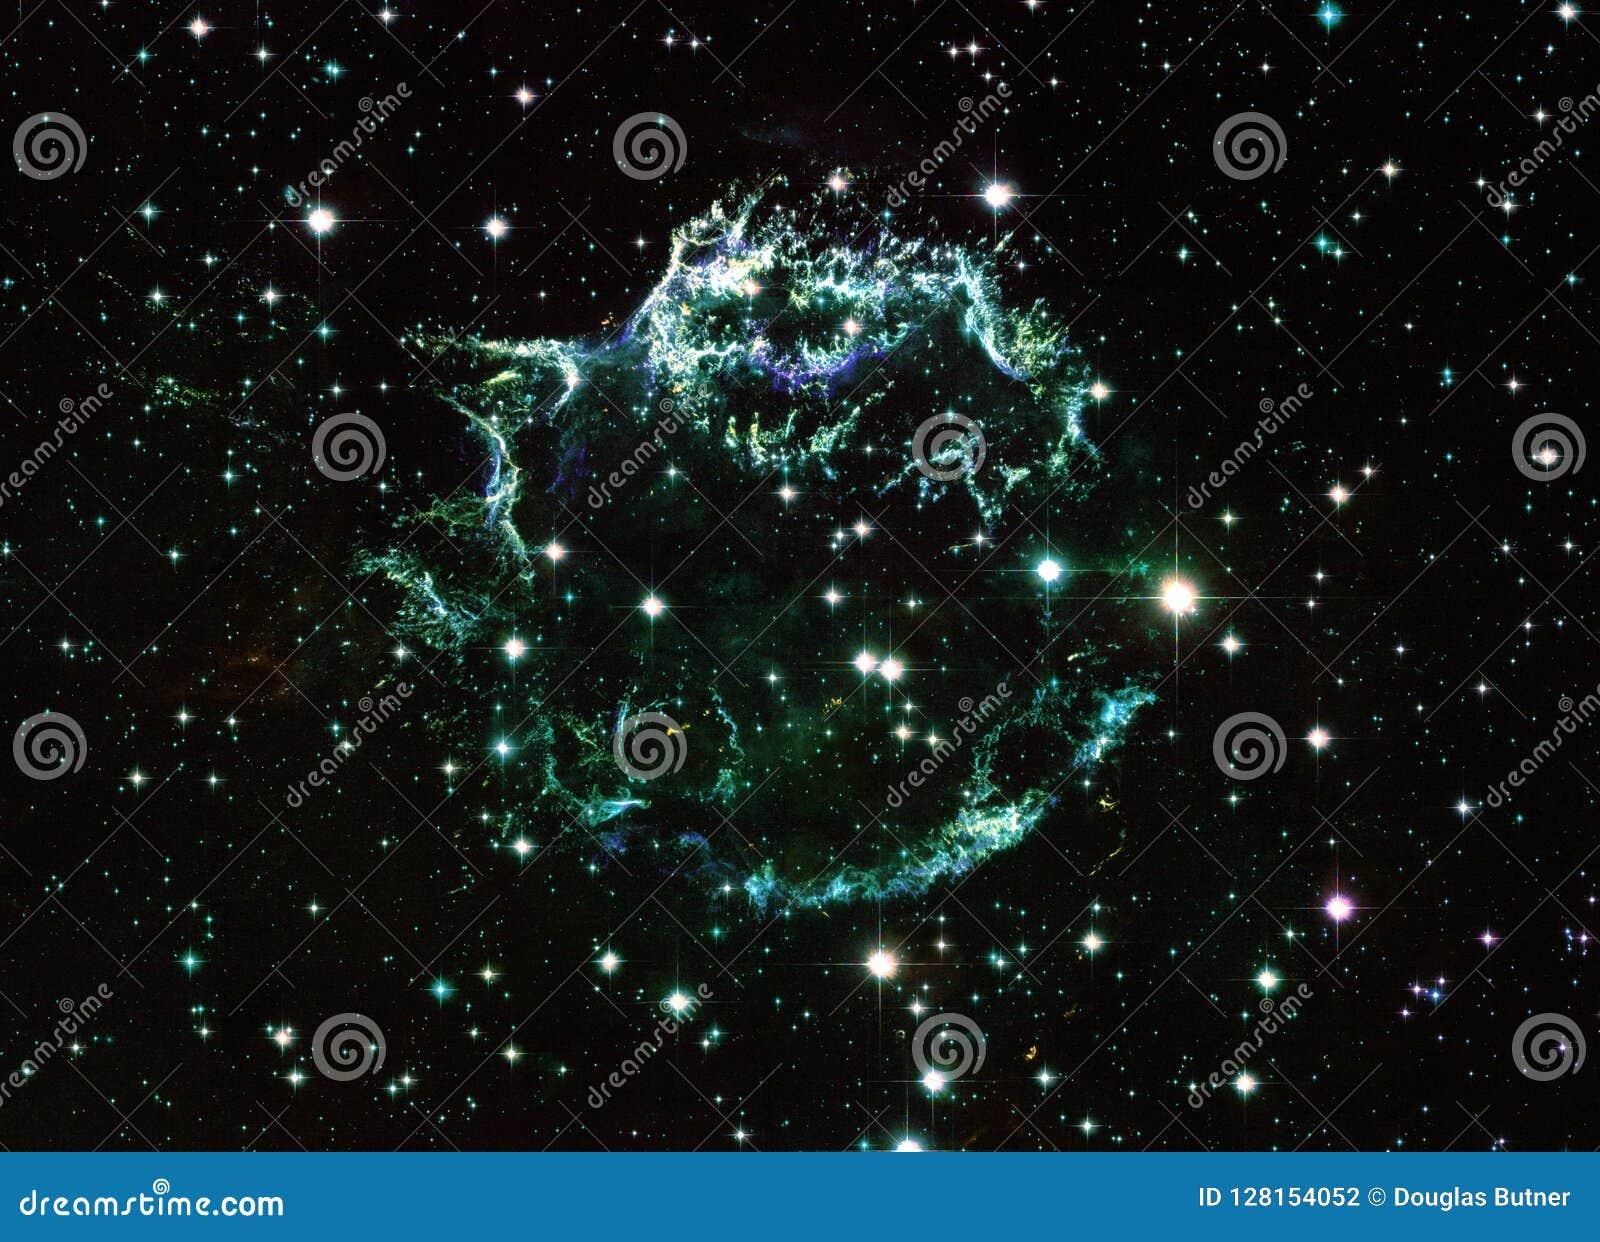 Cassiopeia στοιχεία μιας ενισχυμένα κόσμου εικόνας από τη NASA/ESO | Fractal ταπετσ